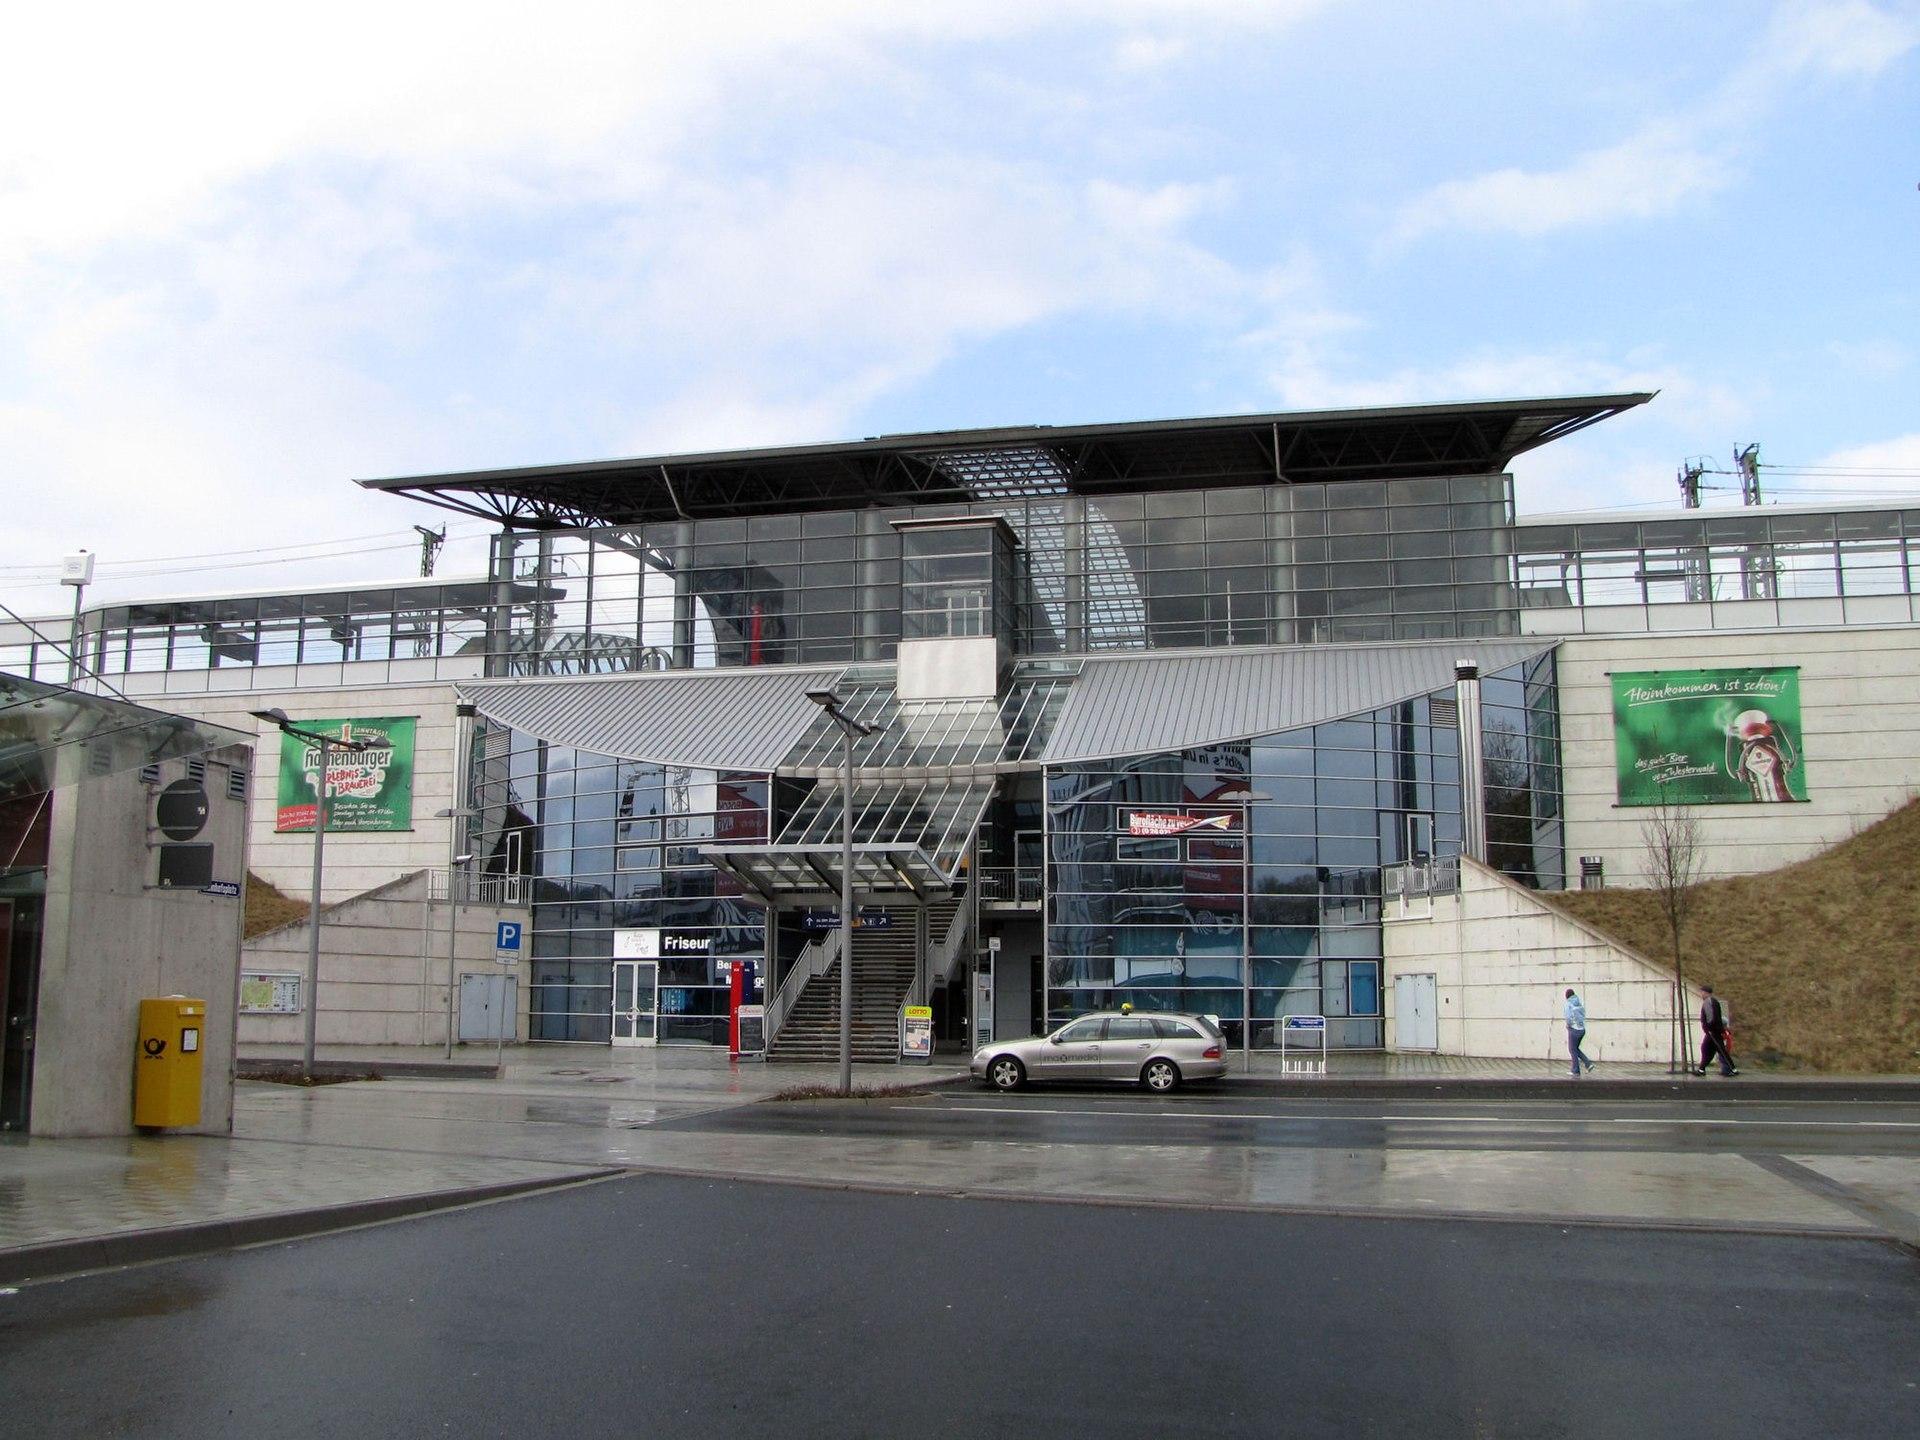 Bahnhof montabaur wikipedia - Architekt montabaur ...